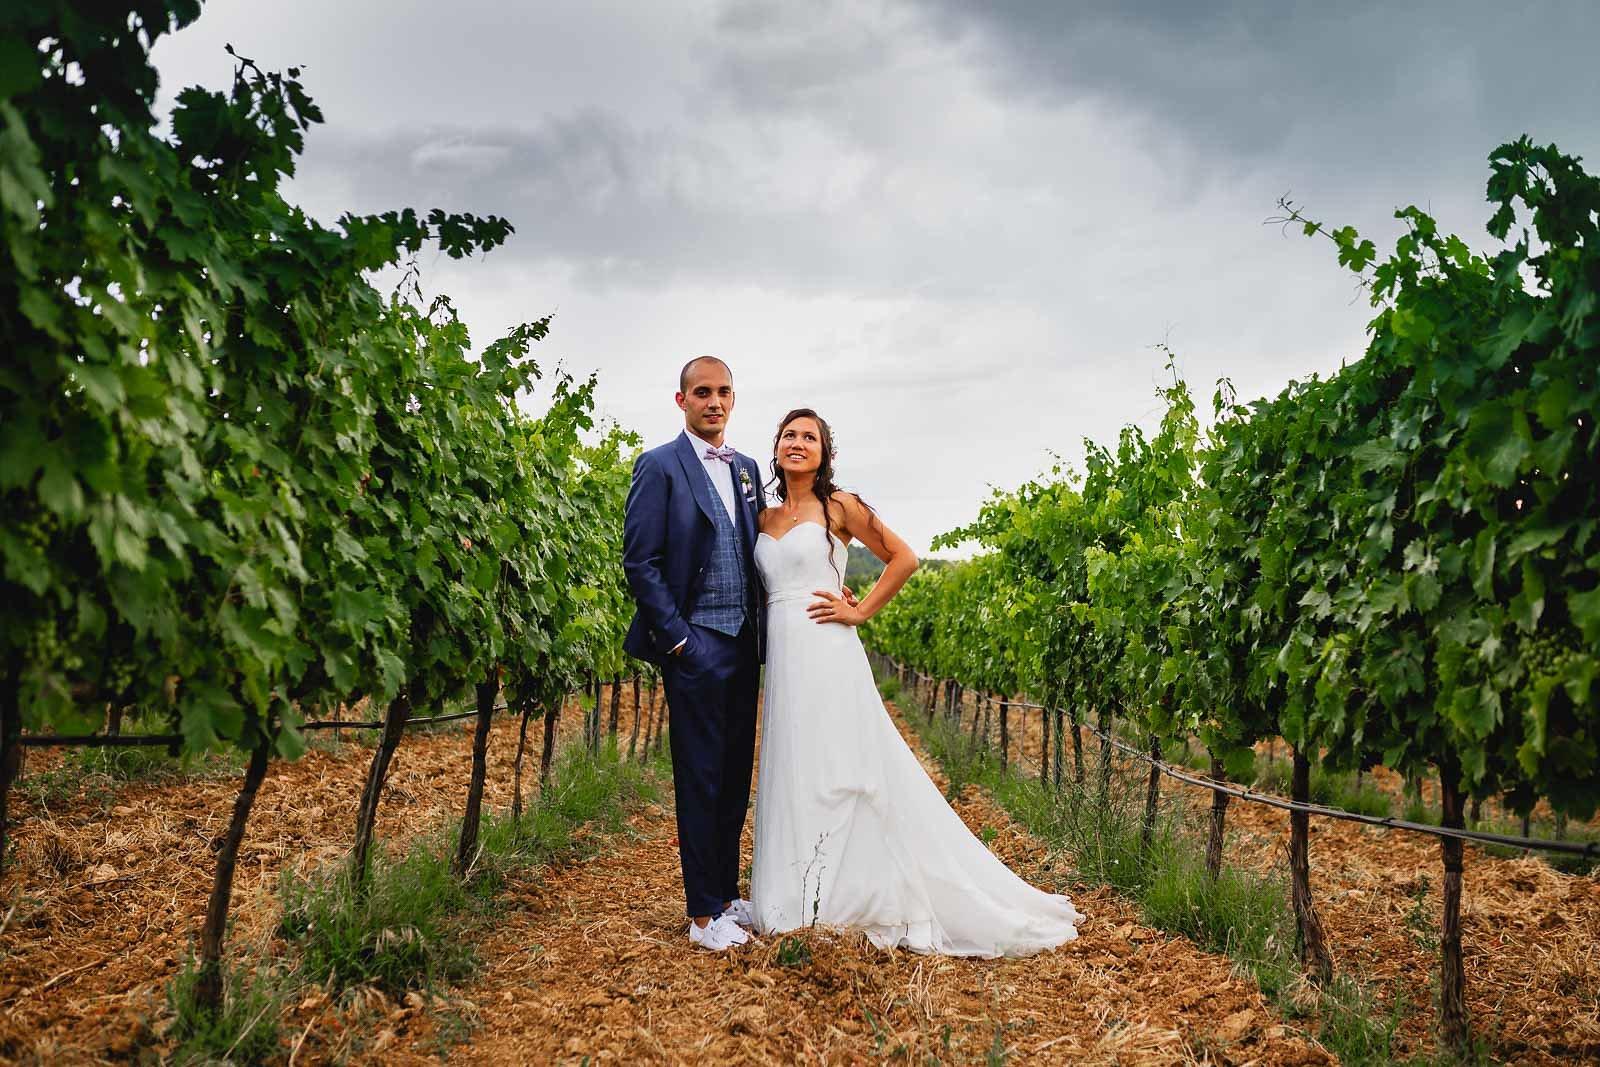 www.alexka.fr-destination-wedding-366.jpg